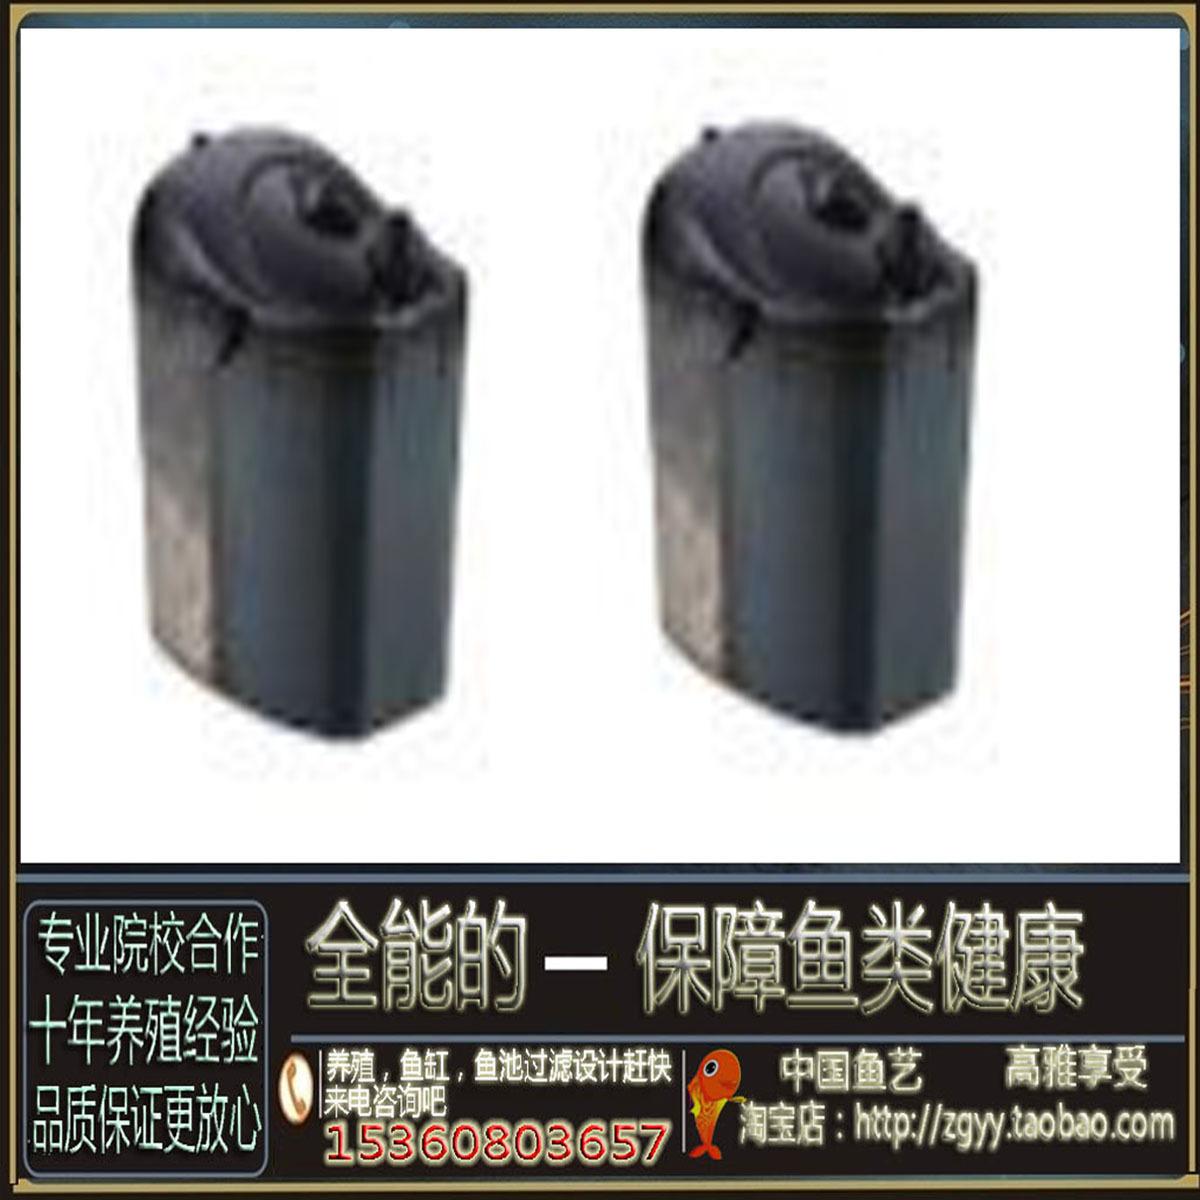 魚缸水族箱迷你型外置過濾器日生缸外過濾器cy-20商品圖片價格圖片